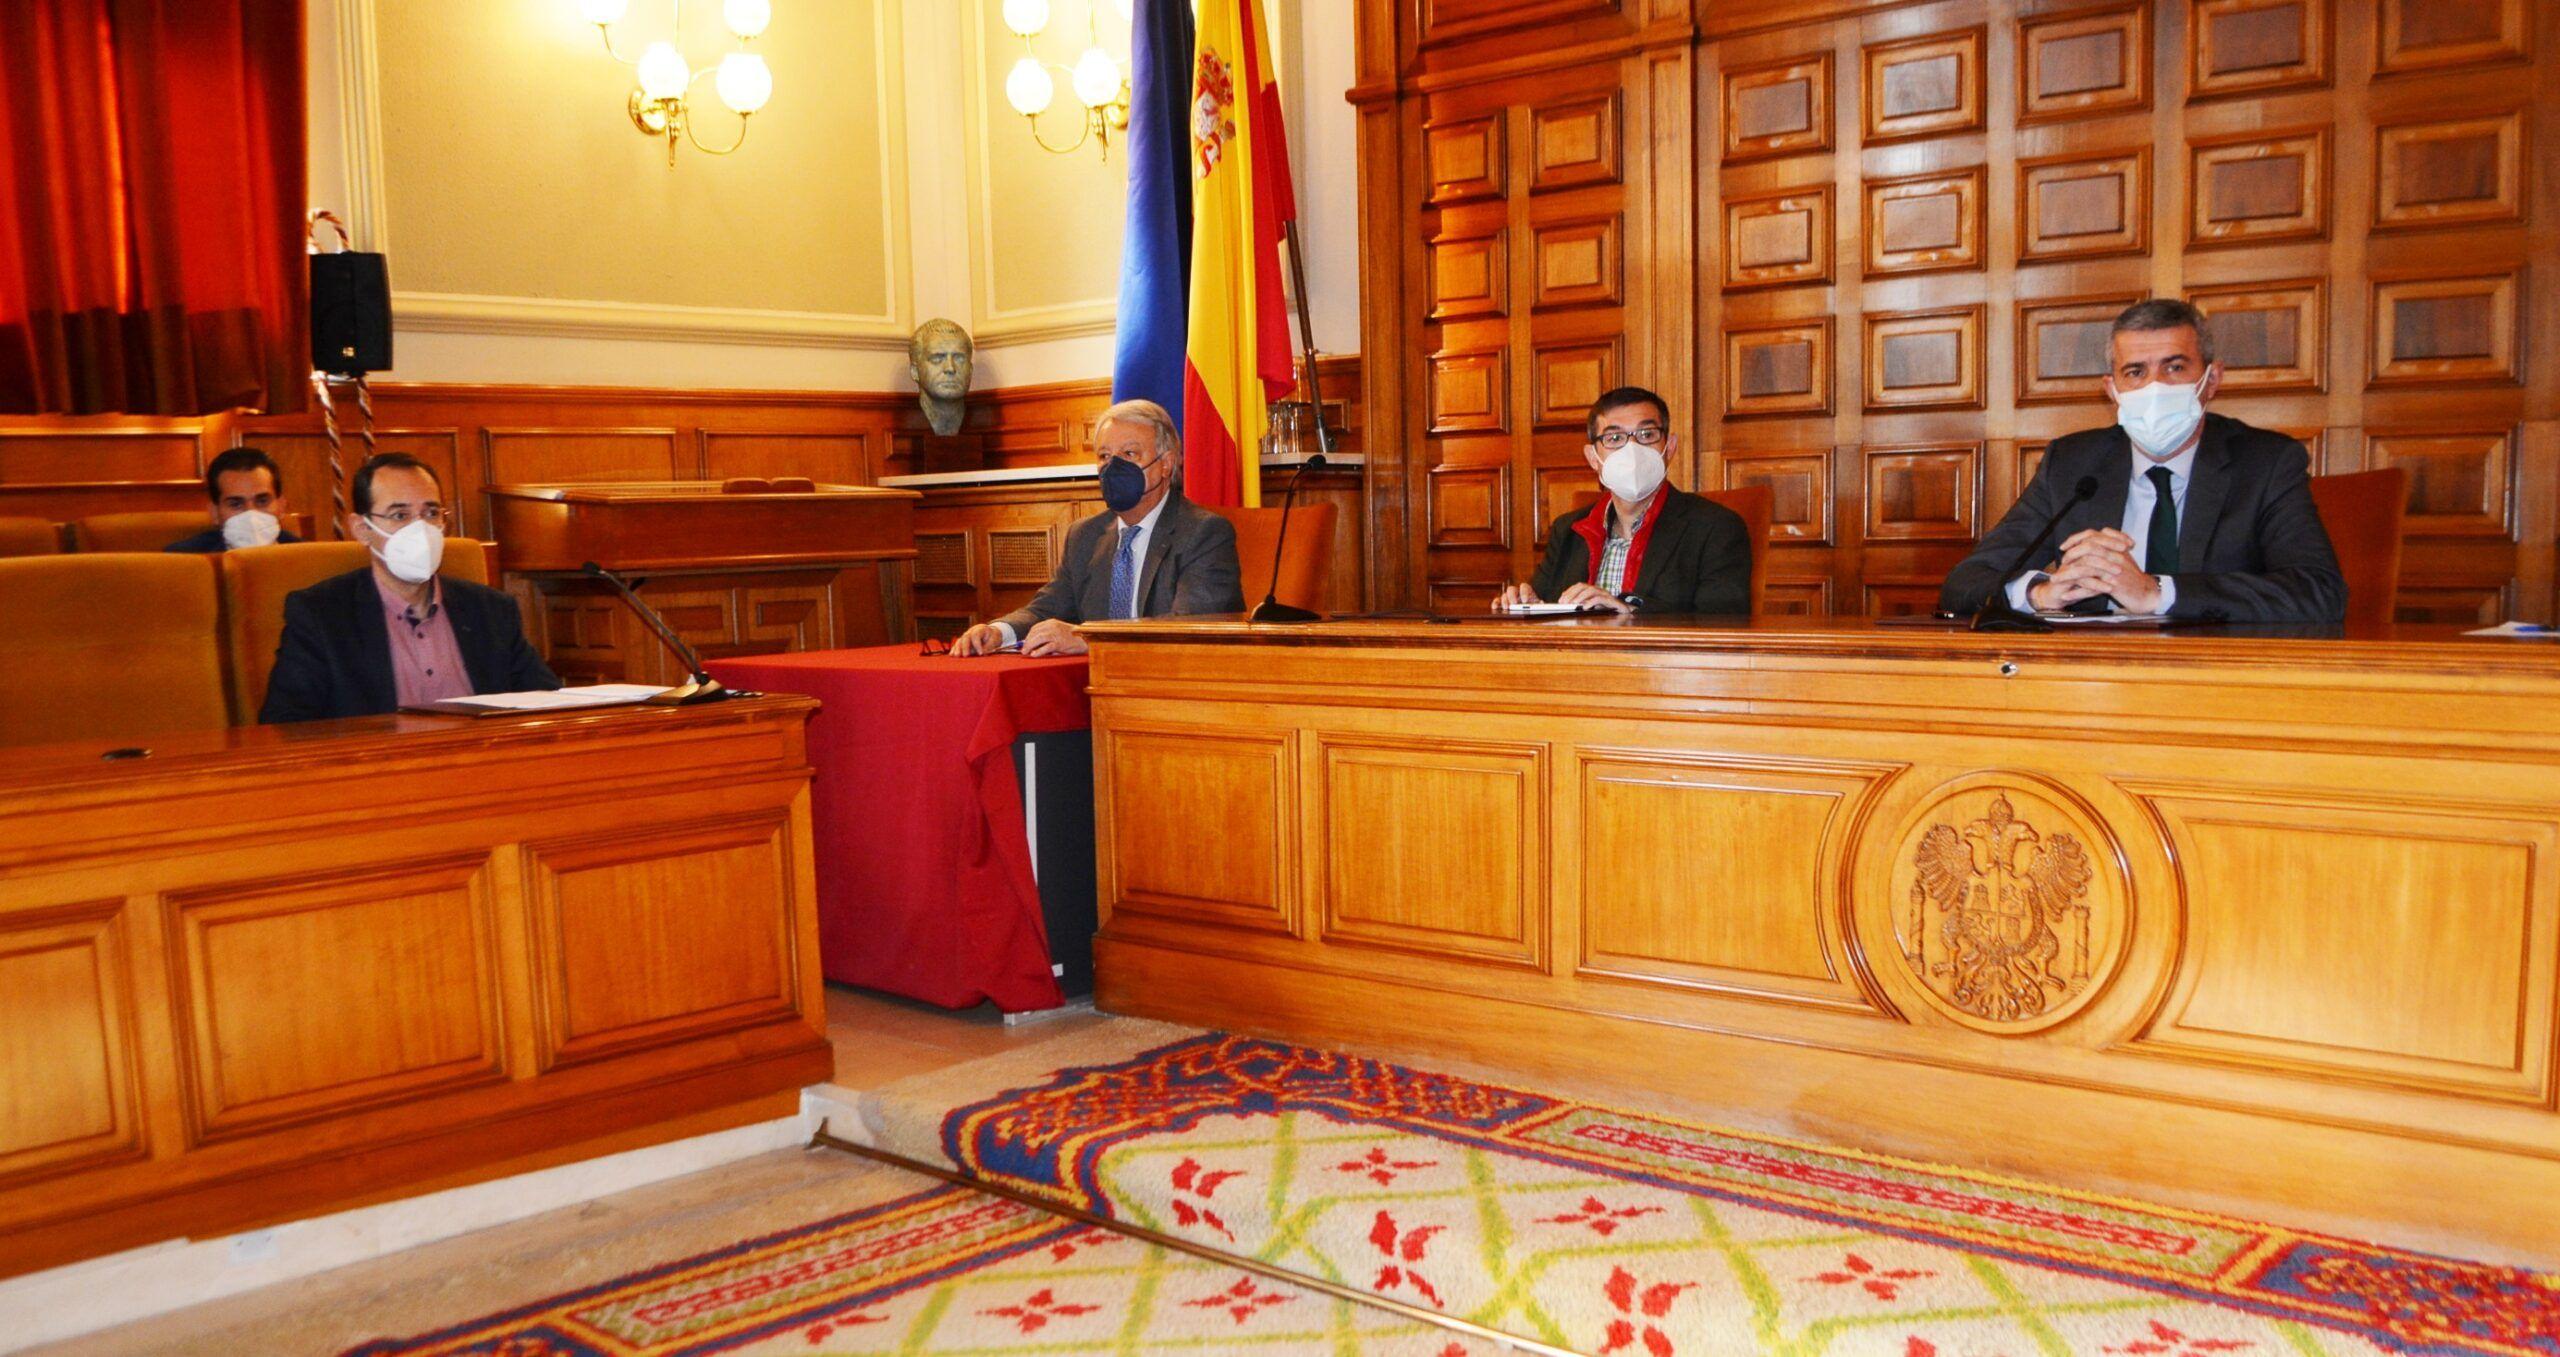 El pleno de la Diputación aprueba por unanimidad más de 25 millones de euros para la reactivación económica y generación de empleo en la provincia